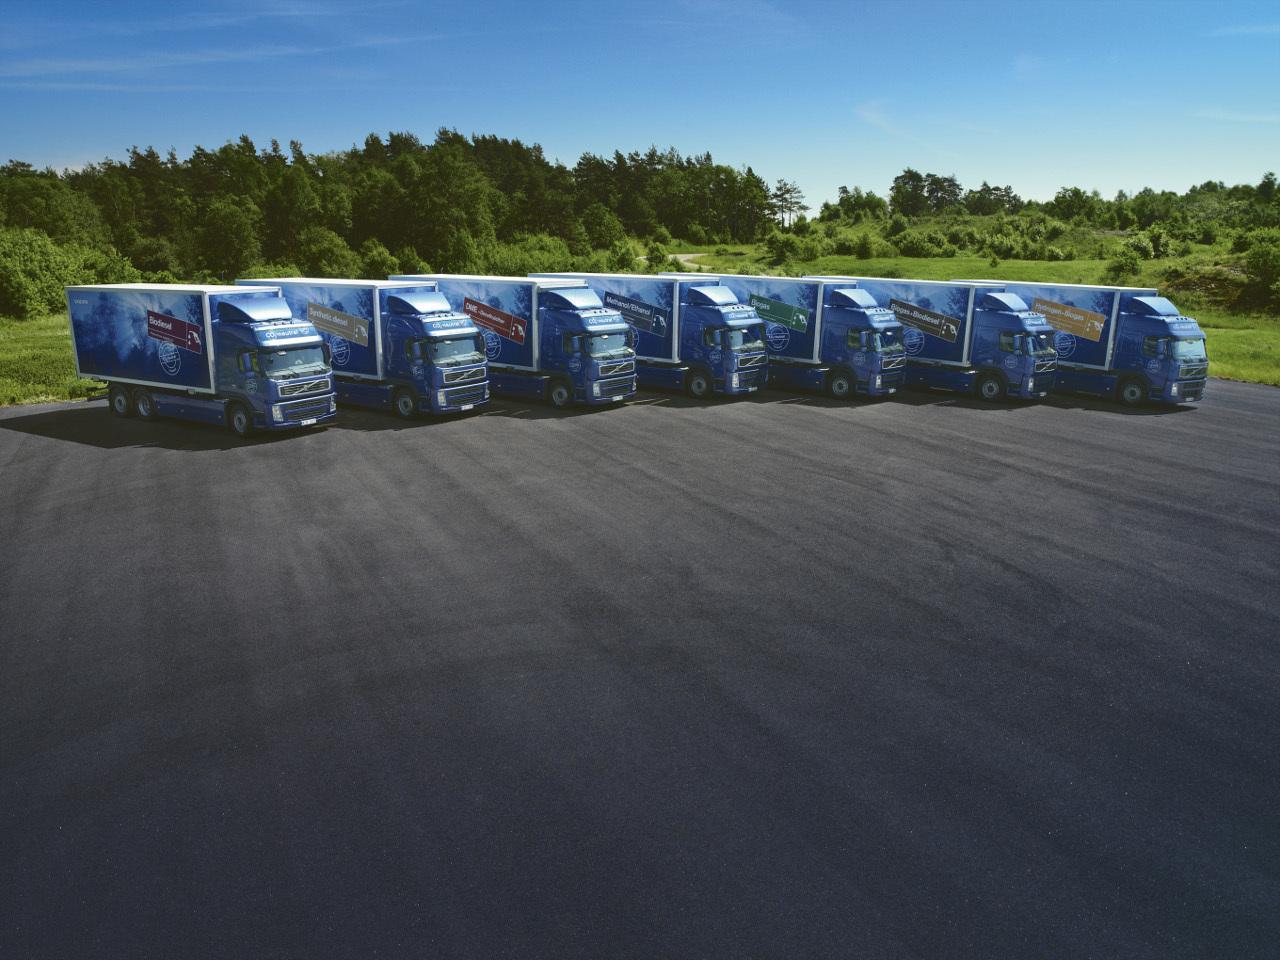 A Volvo Trucks 2007-ben több alternatív hajtású járművet készített. Akkor nyitott kérdés volt, hogy melyik lesz a befutó. Ez igazán mára sem dőlt el, de van, ami végleg kiesett a versenyből